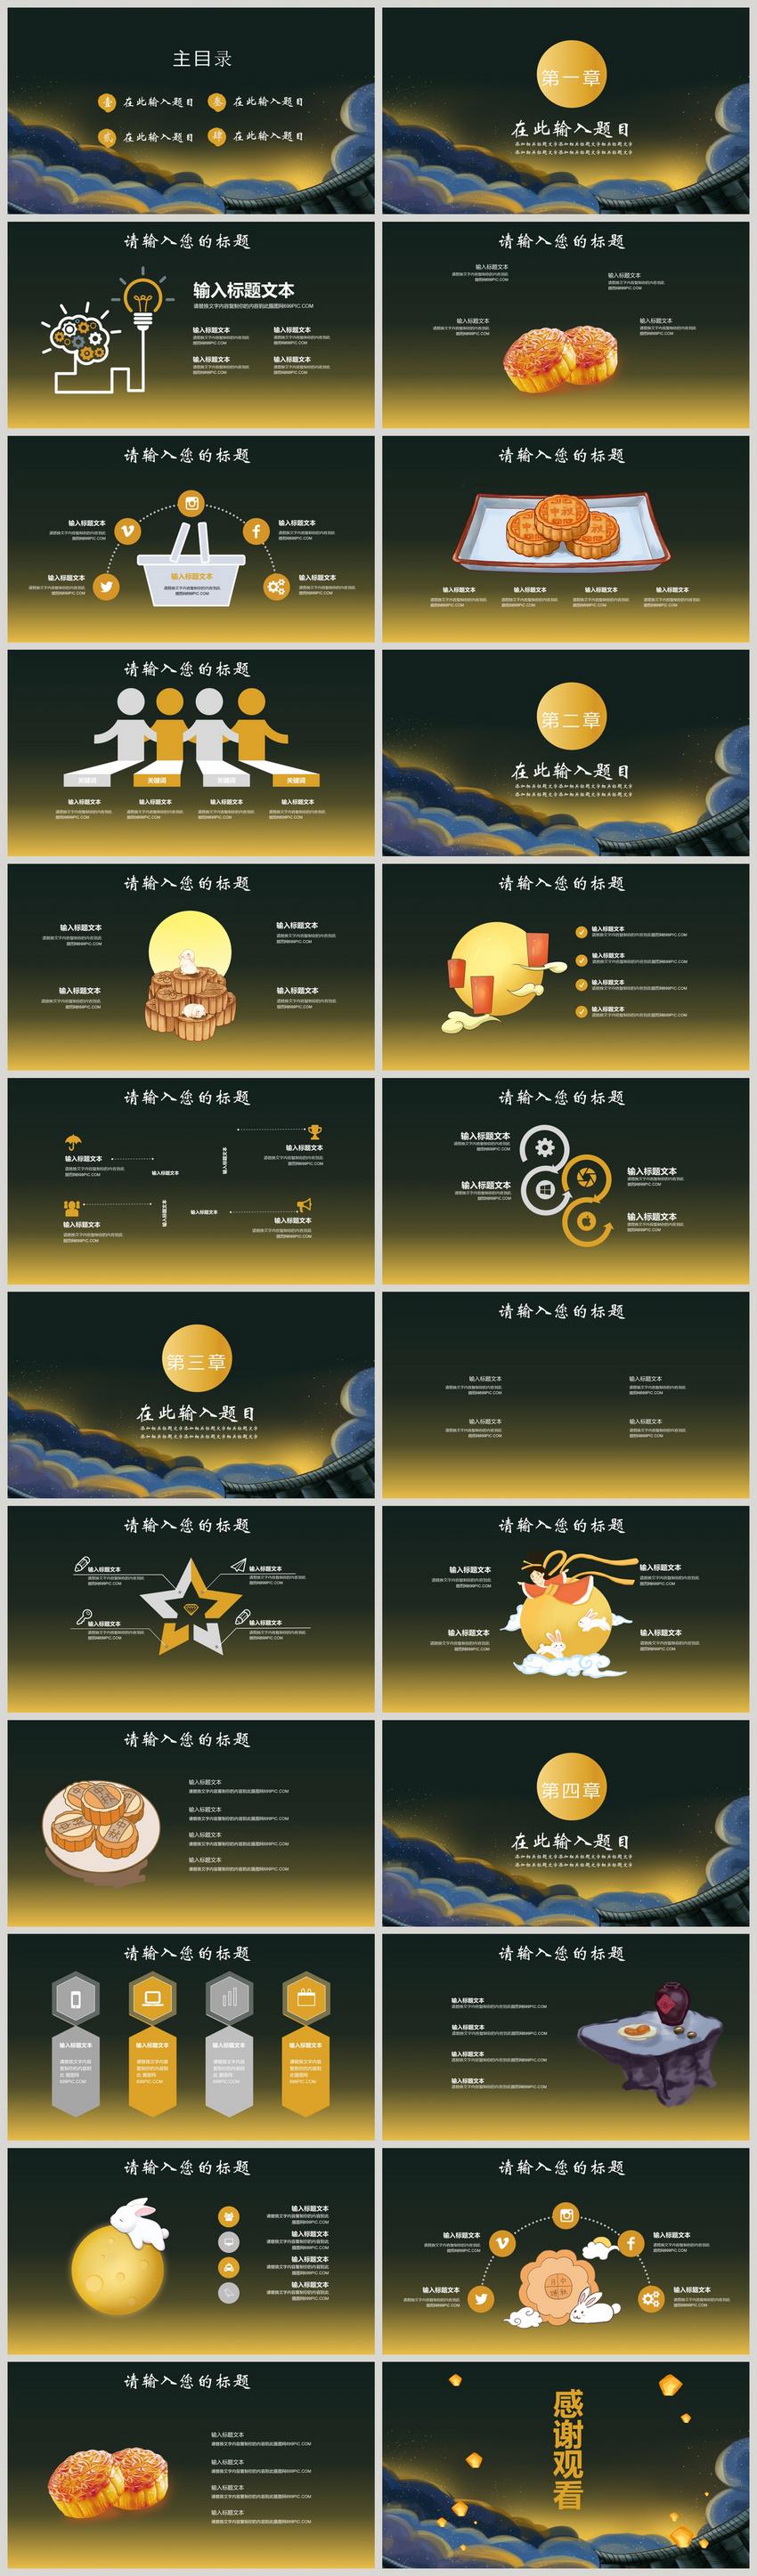 黑色大气中秋节PPT模板图片